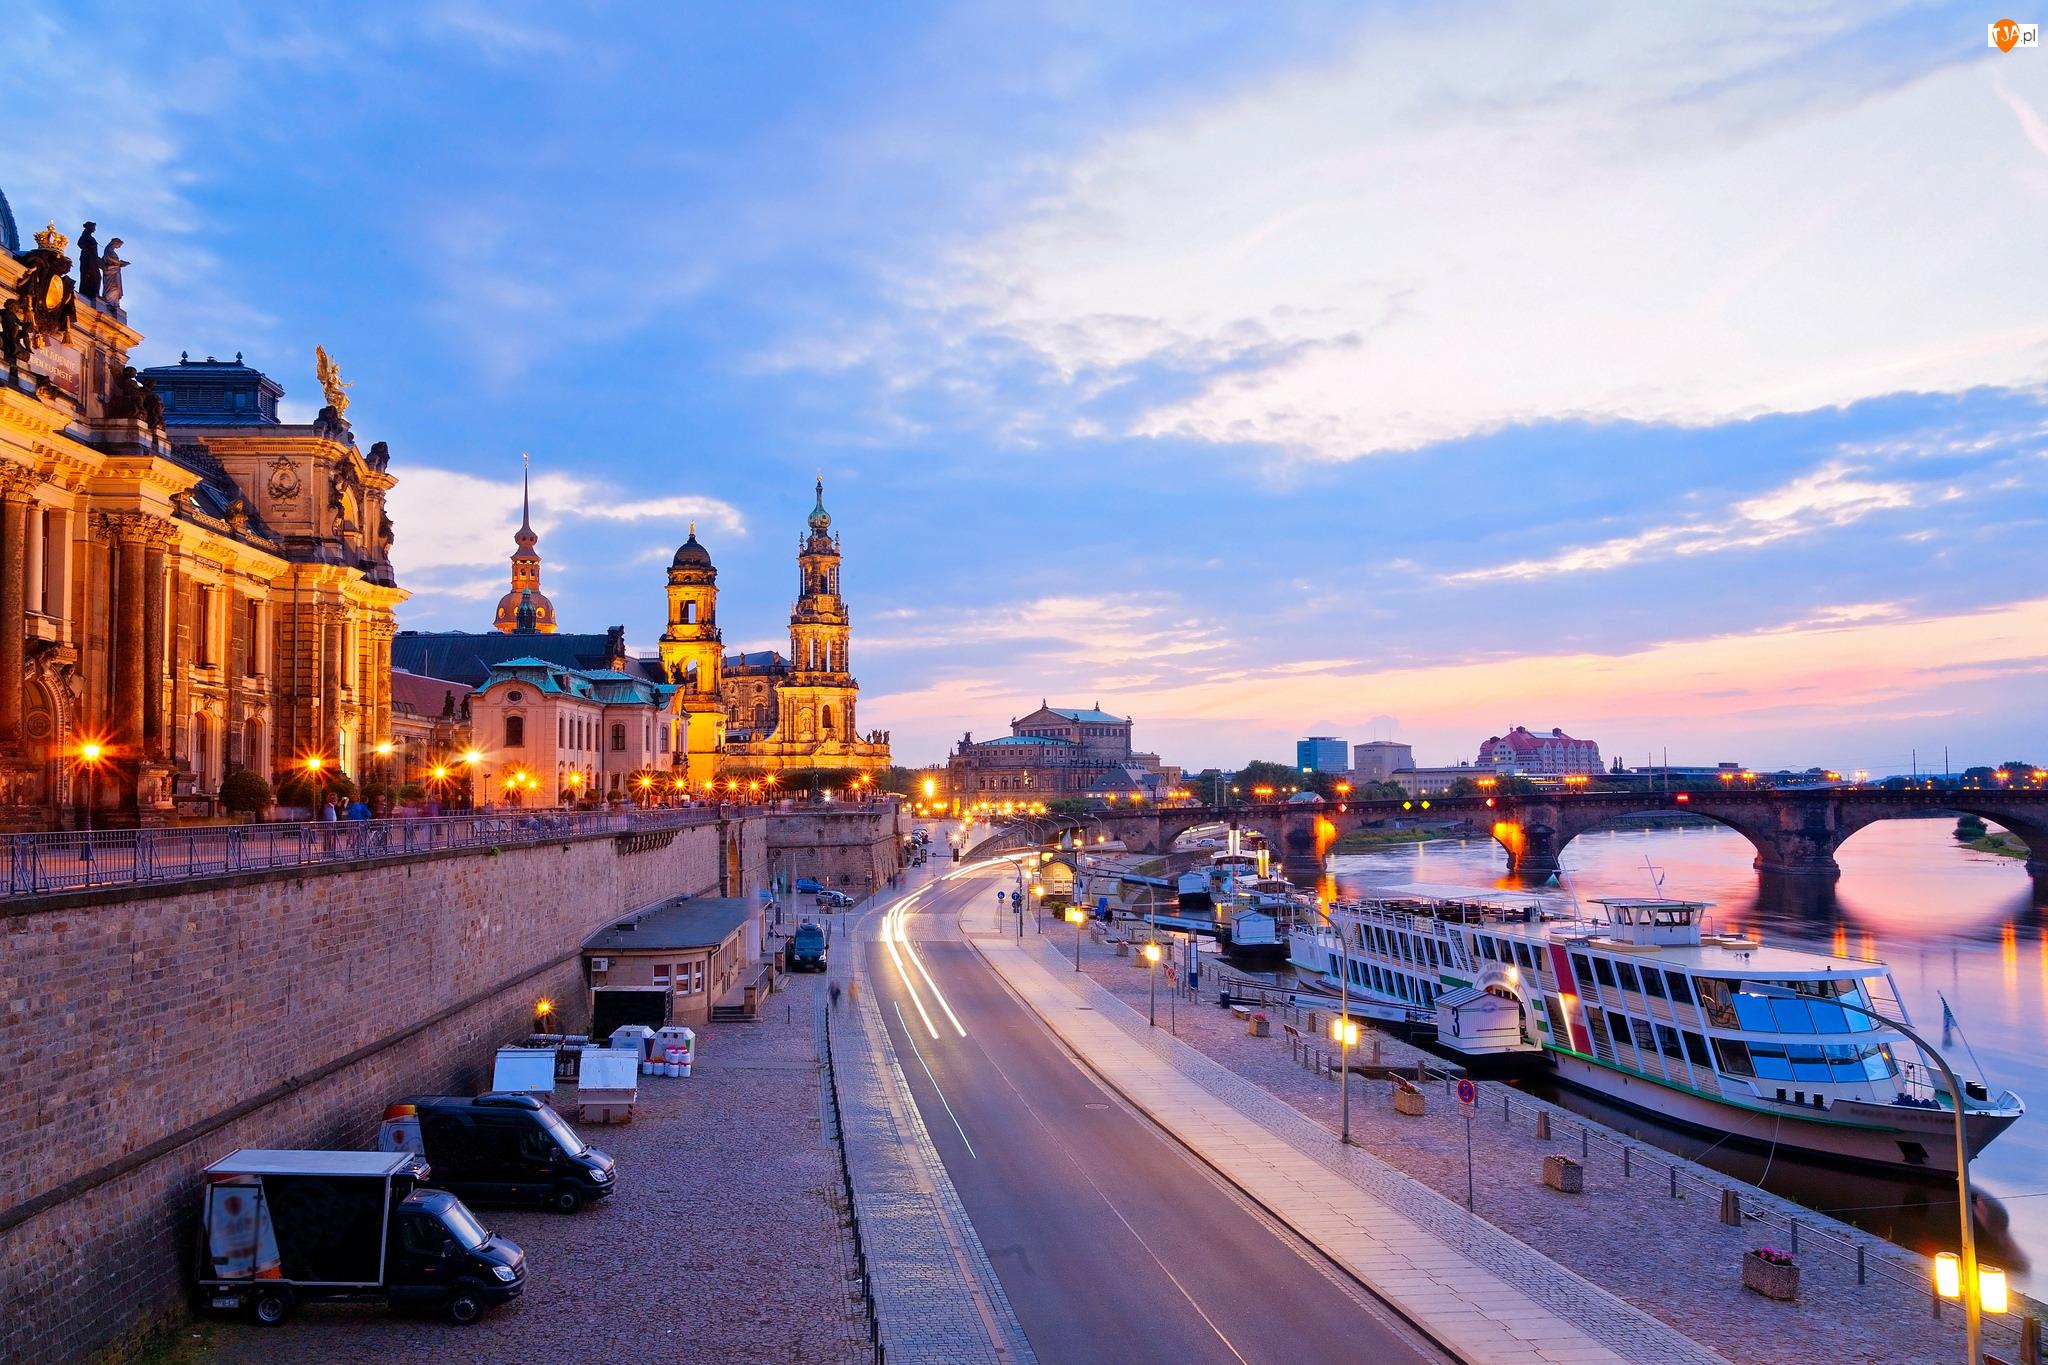 Statki, Tarasy Bruhla, Kościół, Promenada, Drezno, Niemcy, Rzeka Łaba, Most, Przystań, Katedra Świętej Trójcy